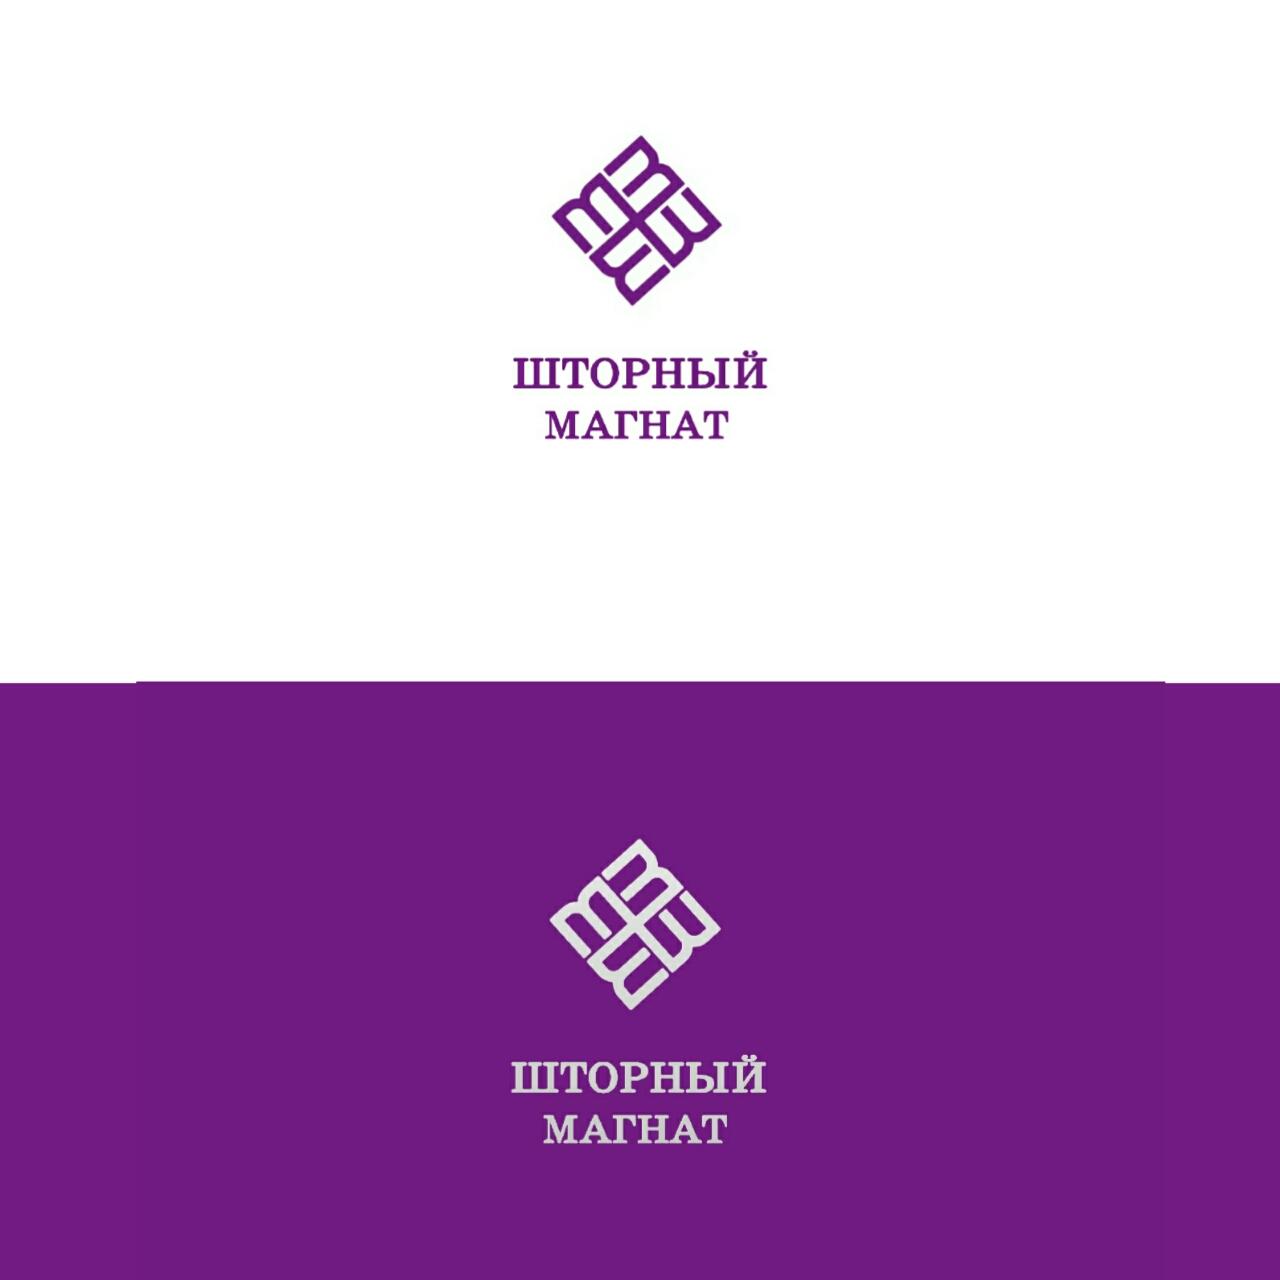 Логотип и фирменный стиль для магазина тканей. фото f_9865cdd48b58b5f8.jpg